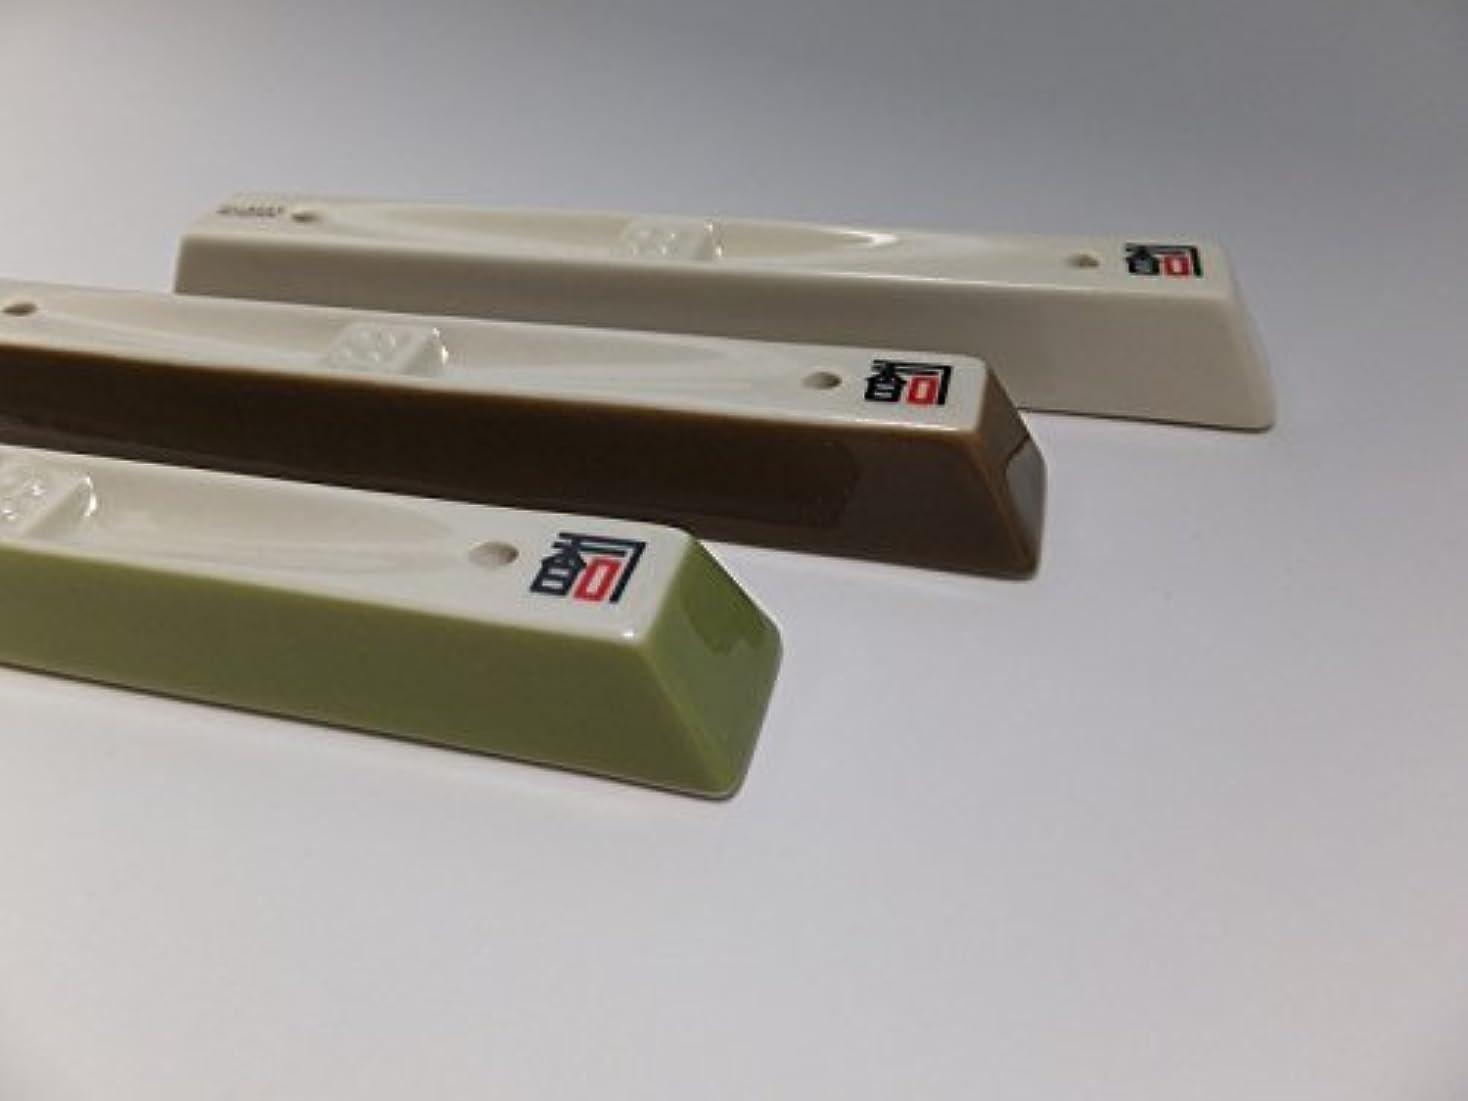 アウタースマッシュグローあわじ島の香司 「香司オリジナル商品」 特製 香立 3種(緑?白?茶)